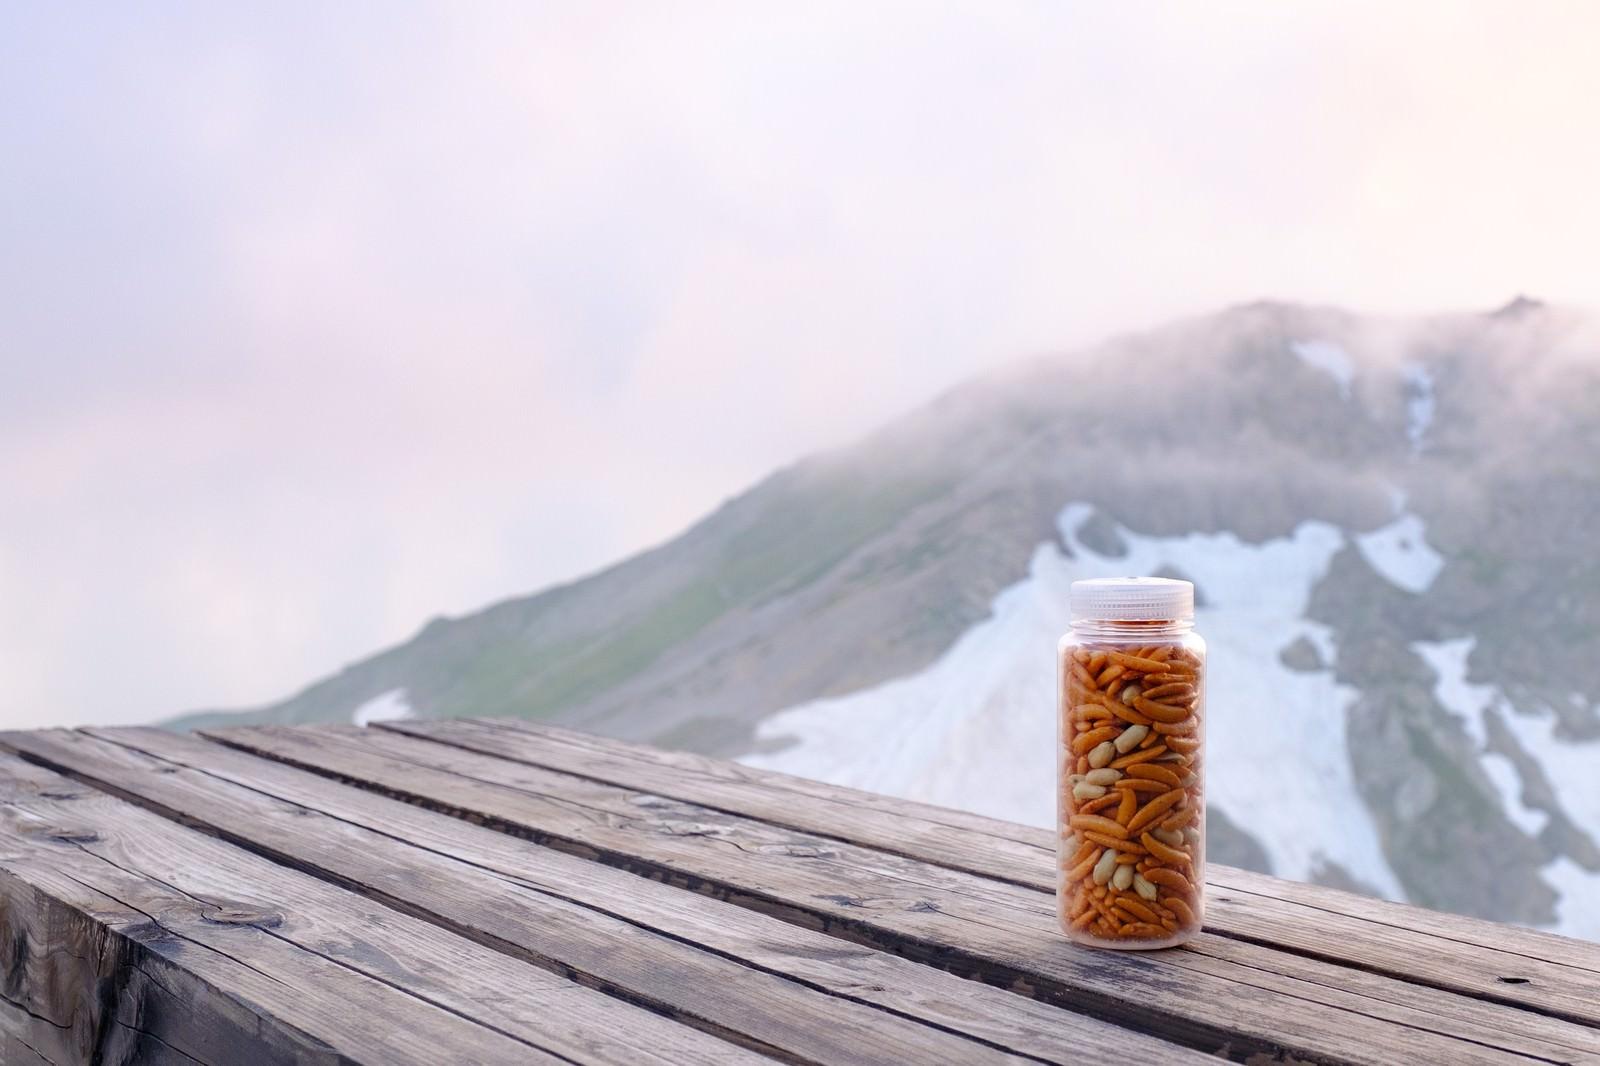 「登山のお供にナルゲンボトルに入った柿ピー」の写真